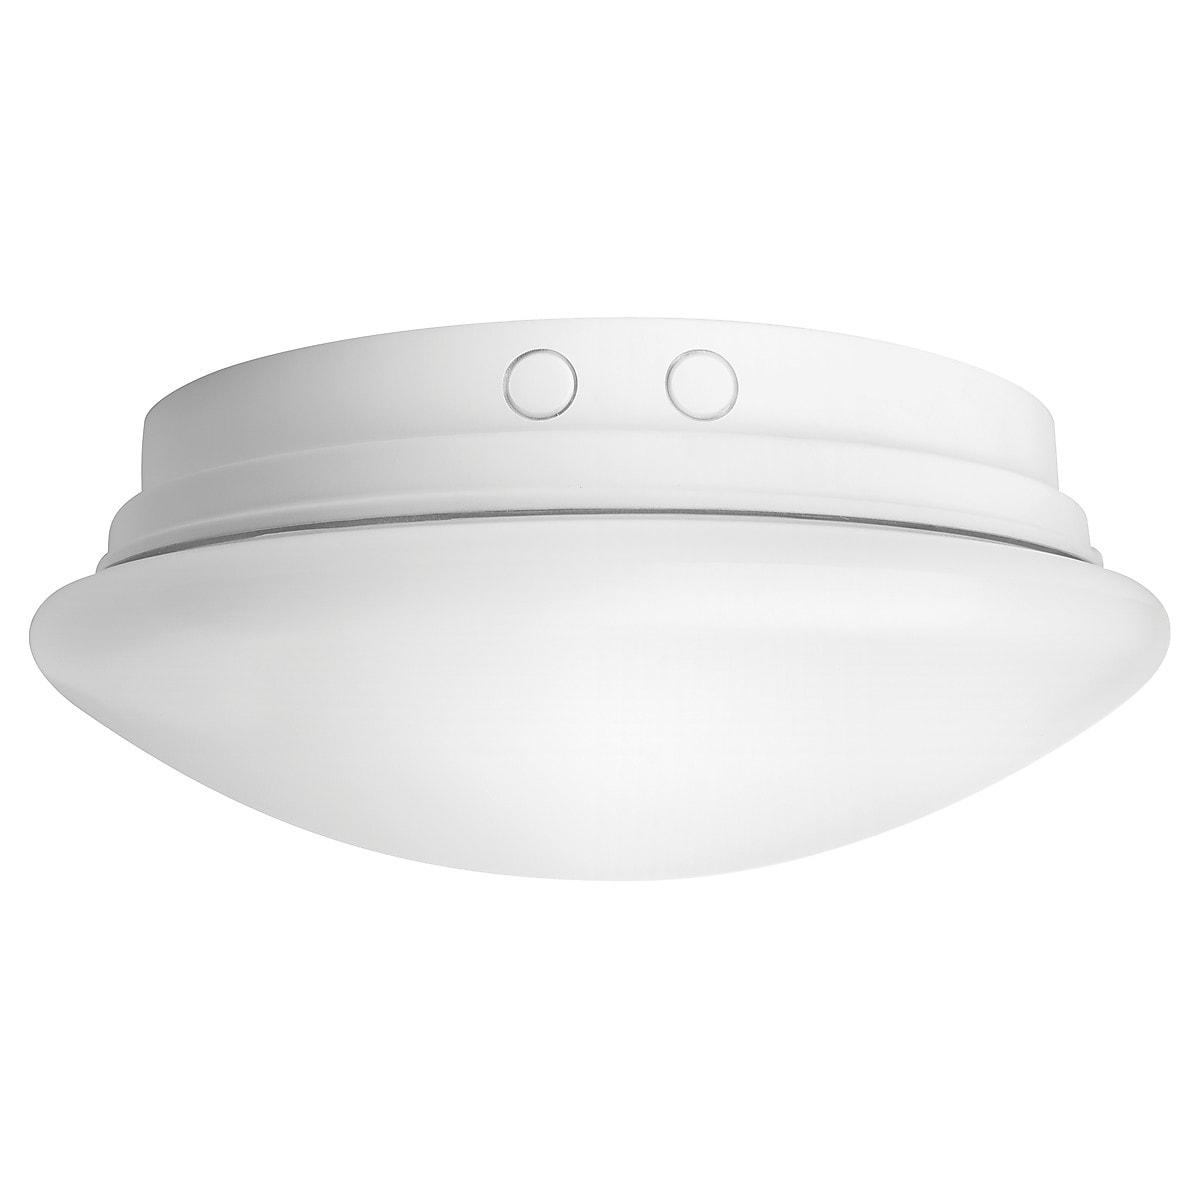 LED Motion Sensor Ceiling Light